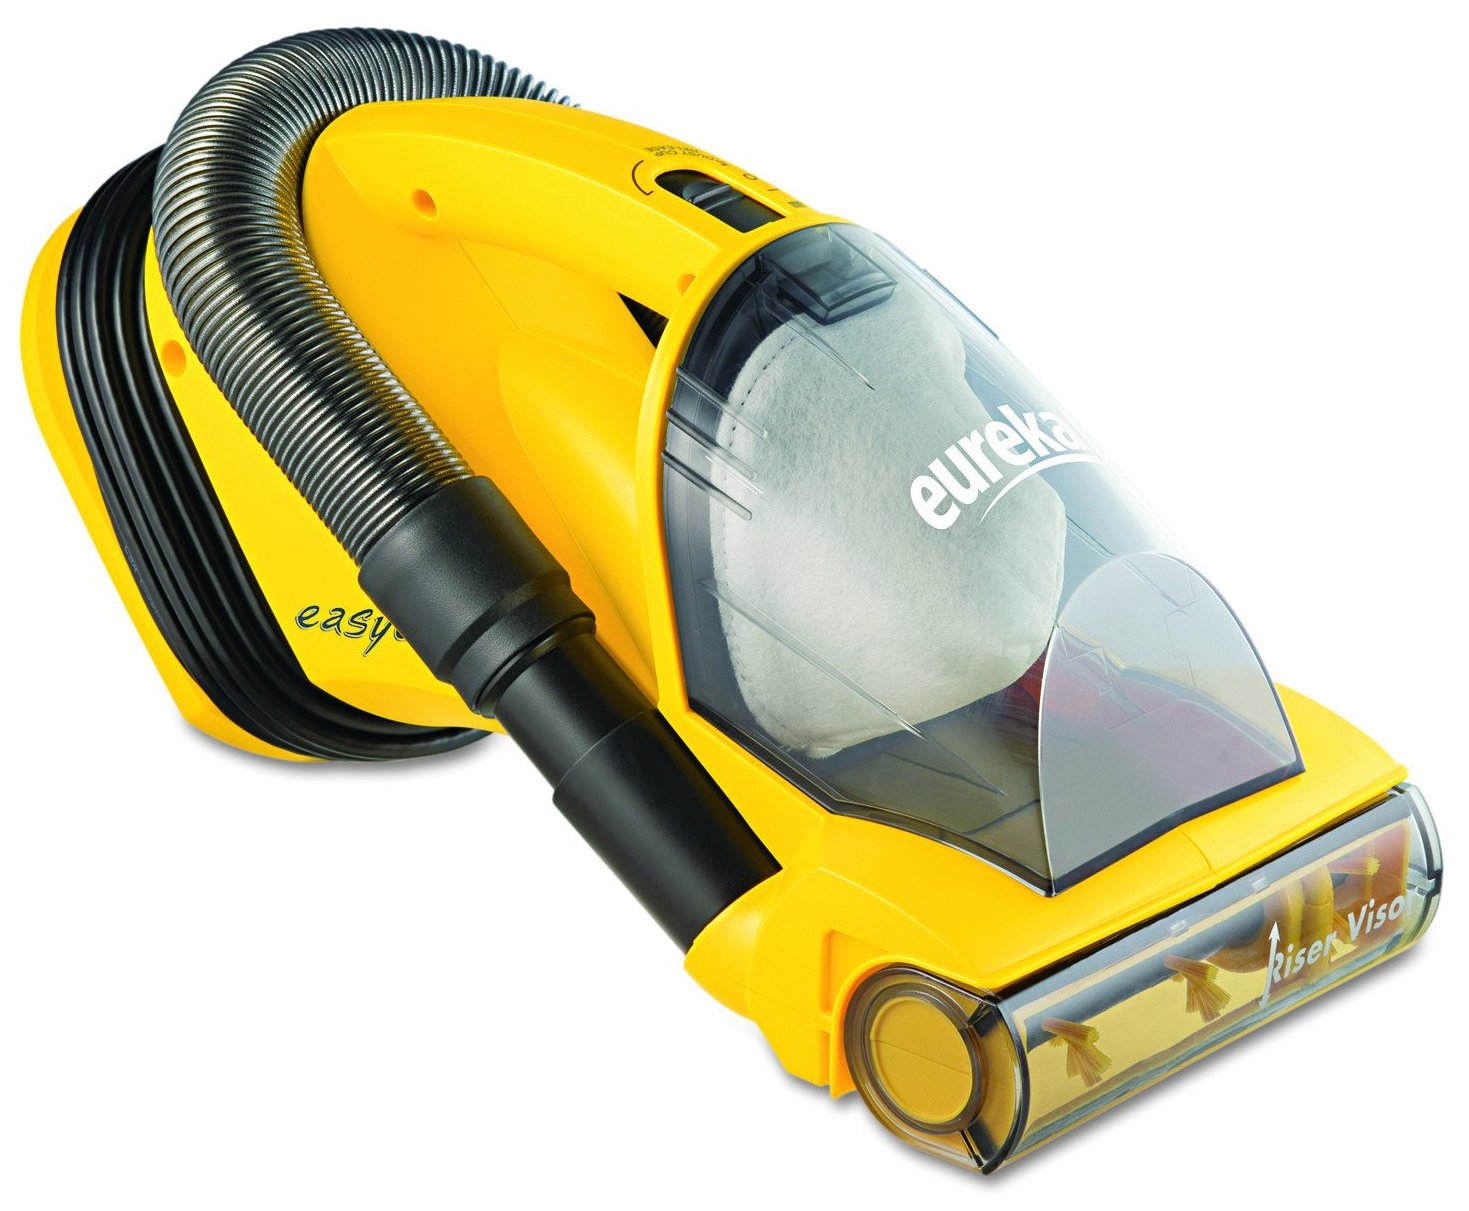 Eureka EasyClean Lightweight Handheld Vacuum Cleaner, Hand Vac Corded, 71B